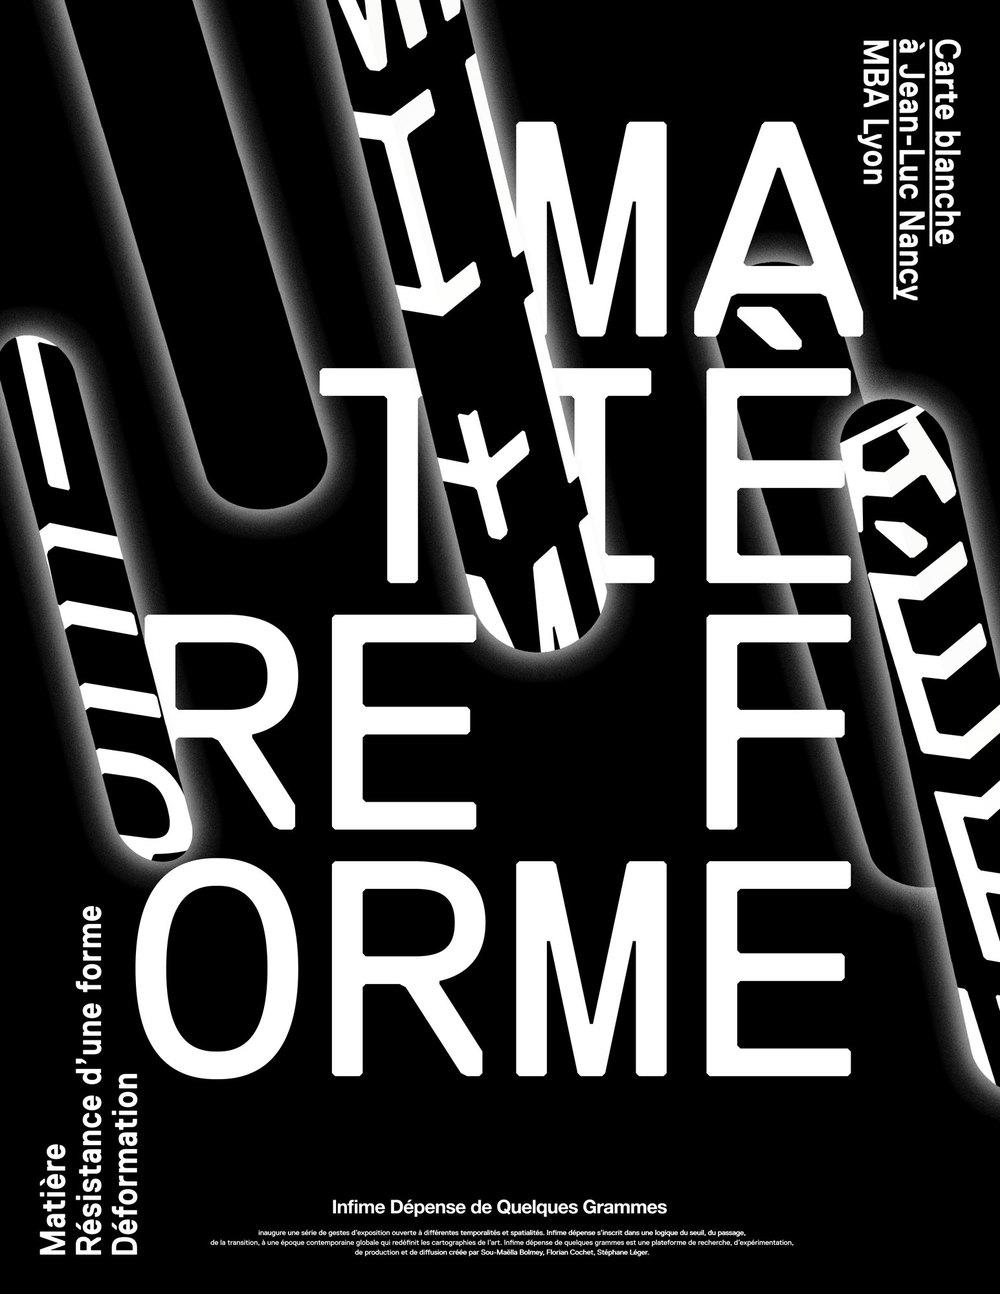 Infime-Depense-Matiere-Forme.jpg